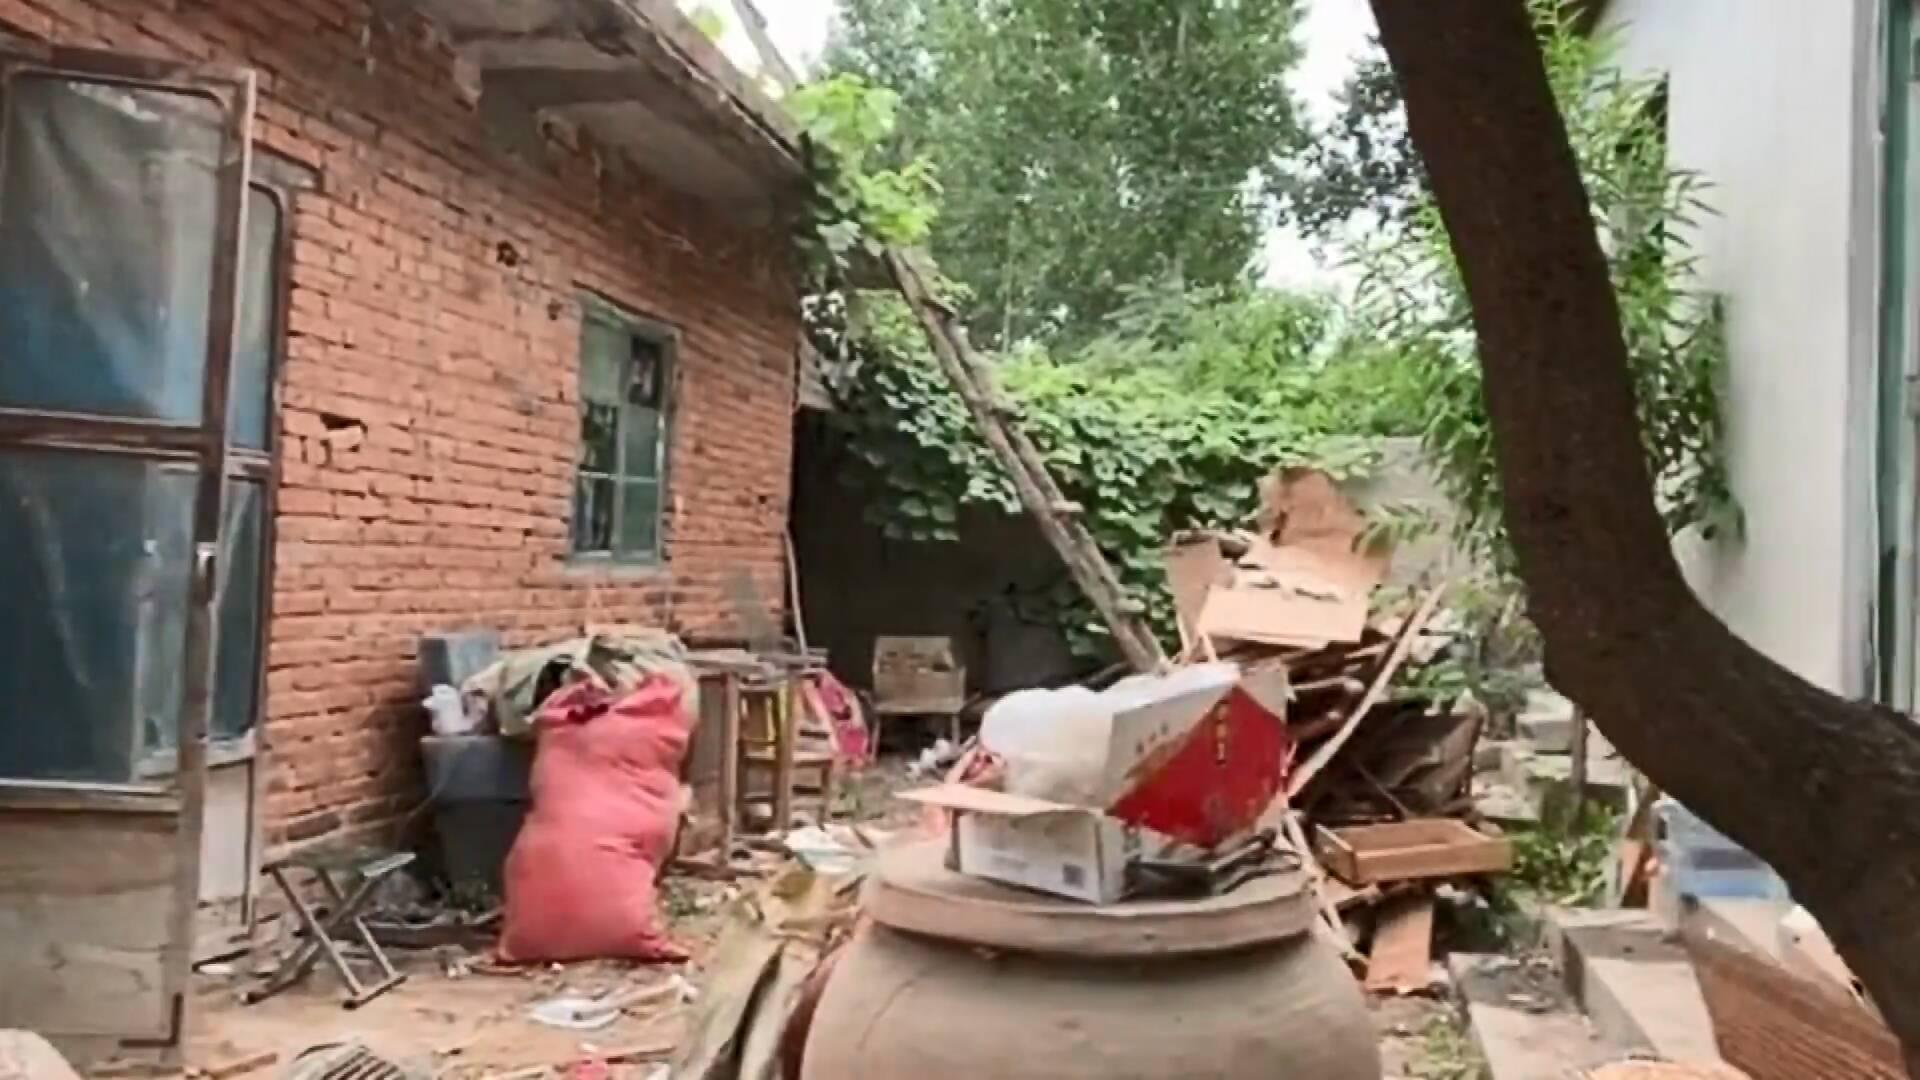 十个月爆改农村小院的临沂市民王刚:我自己都羡慕自己这种生活